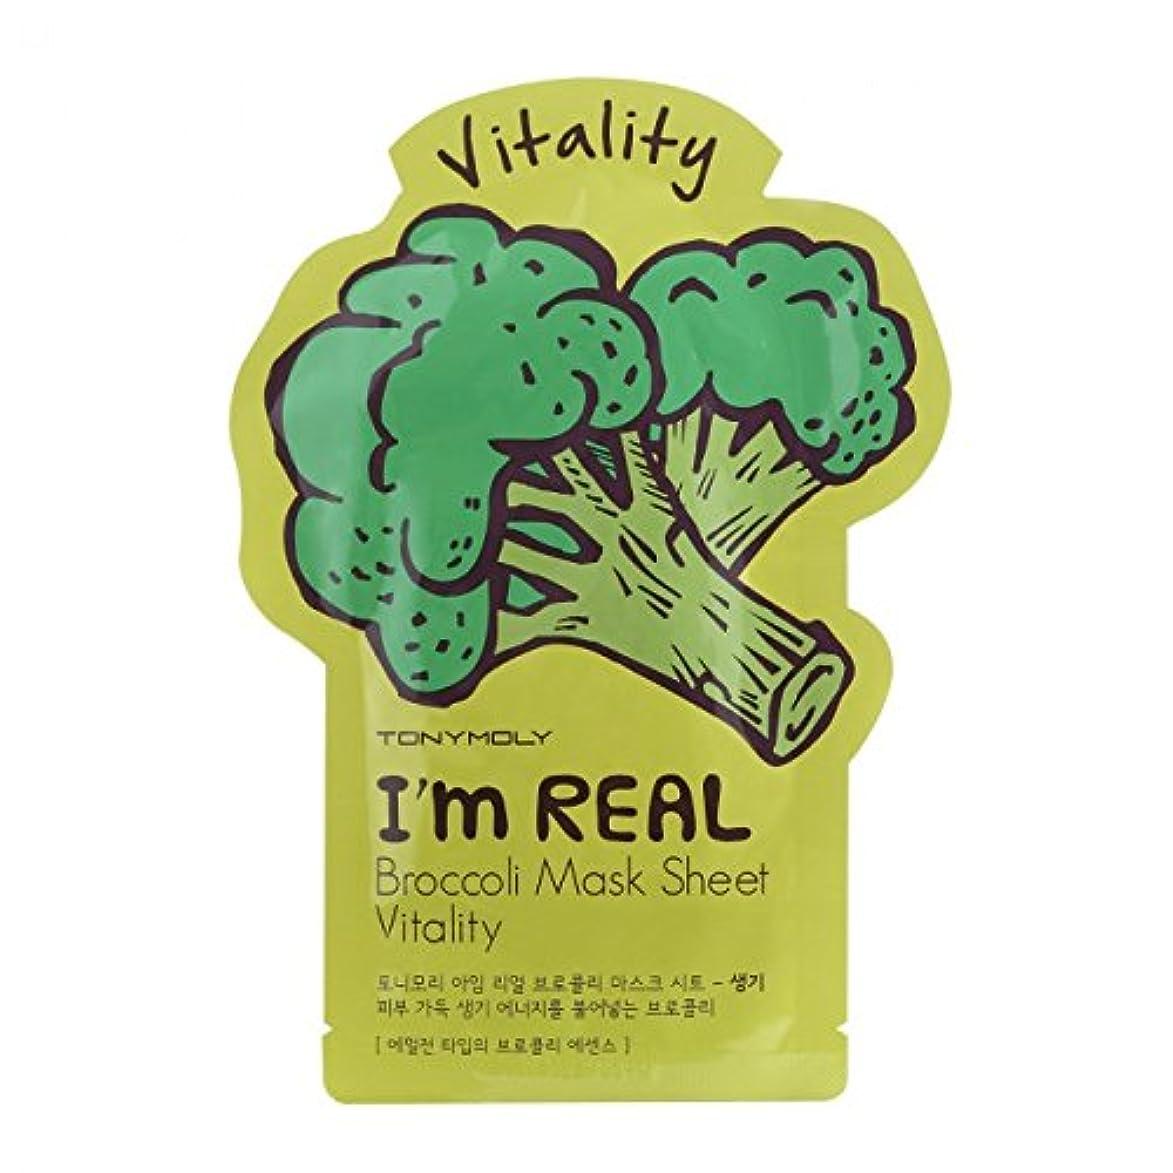 パキスタン人アジア休眠TONYMOLY I'm Real Broccoli Mask Sheet Vitality (並行輸入品)